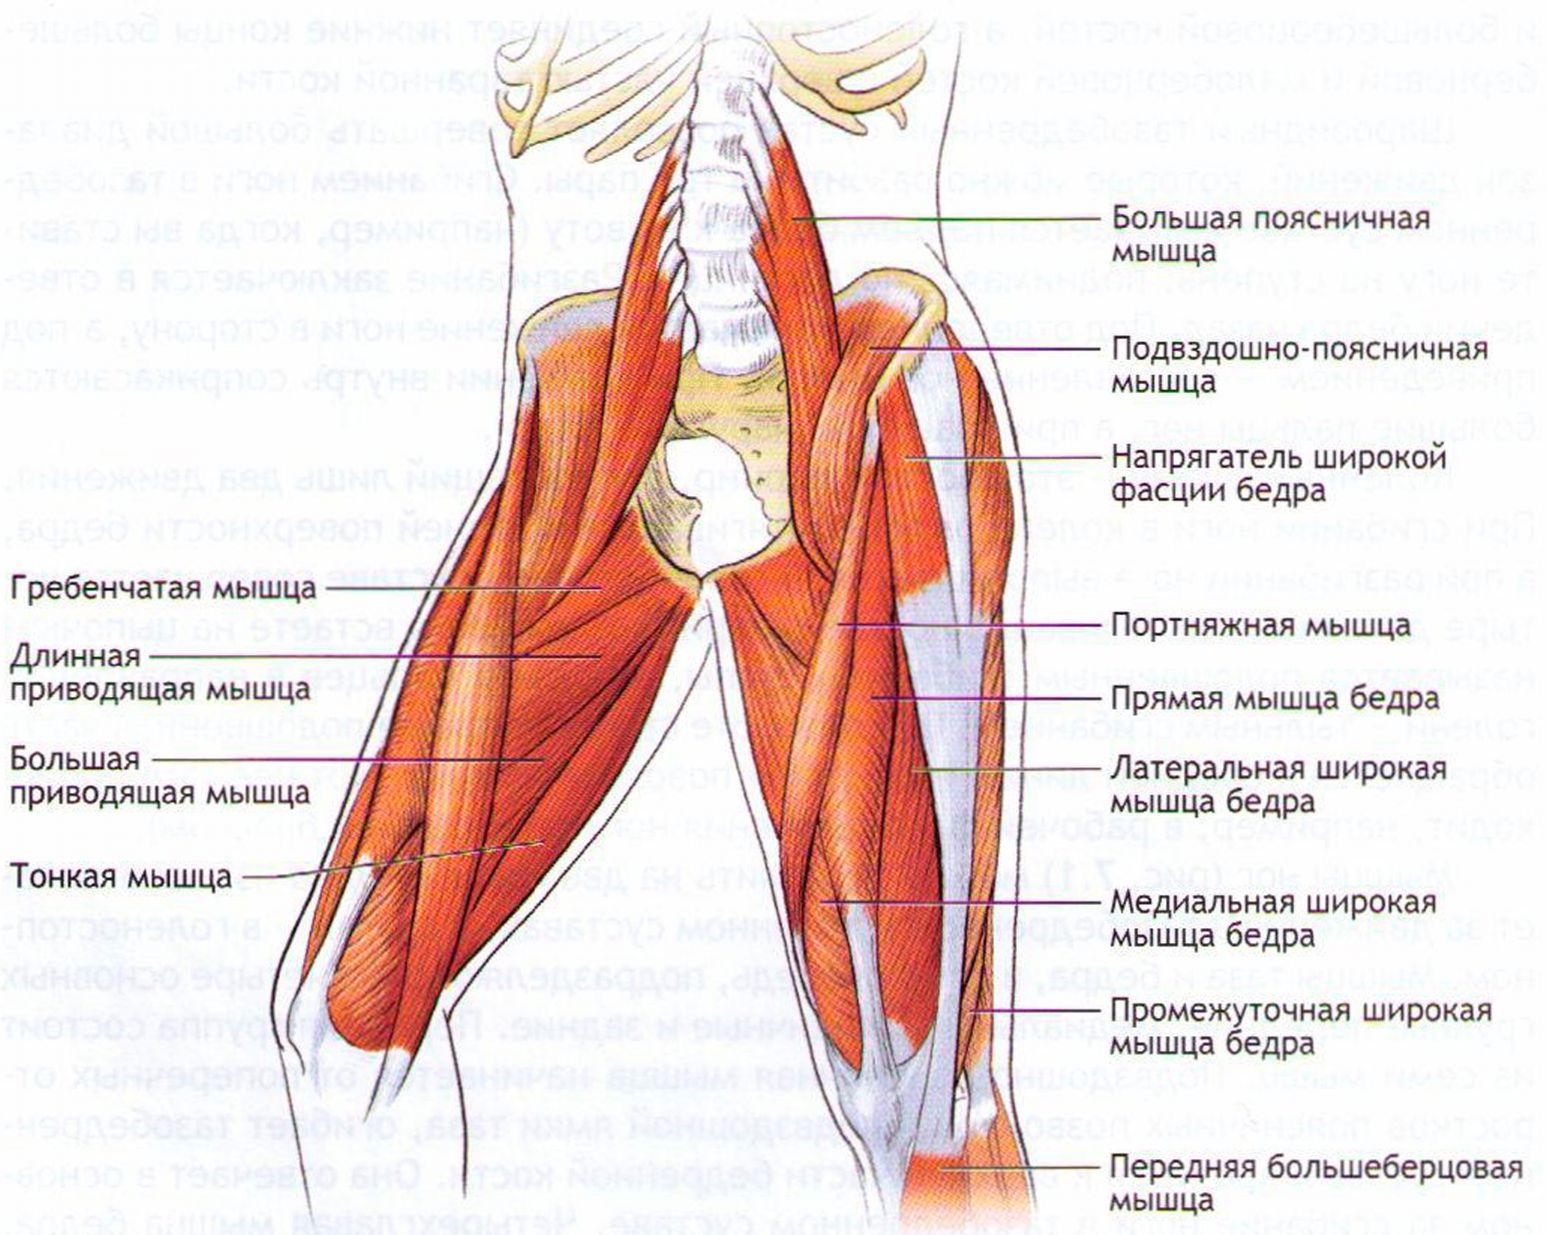 Мышечное строение бедра